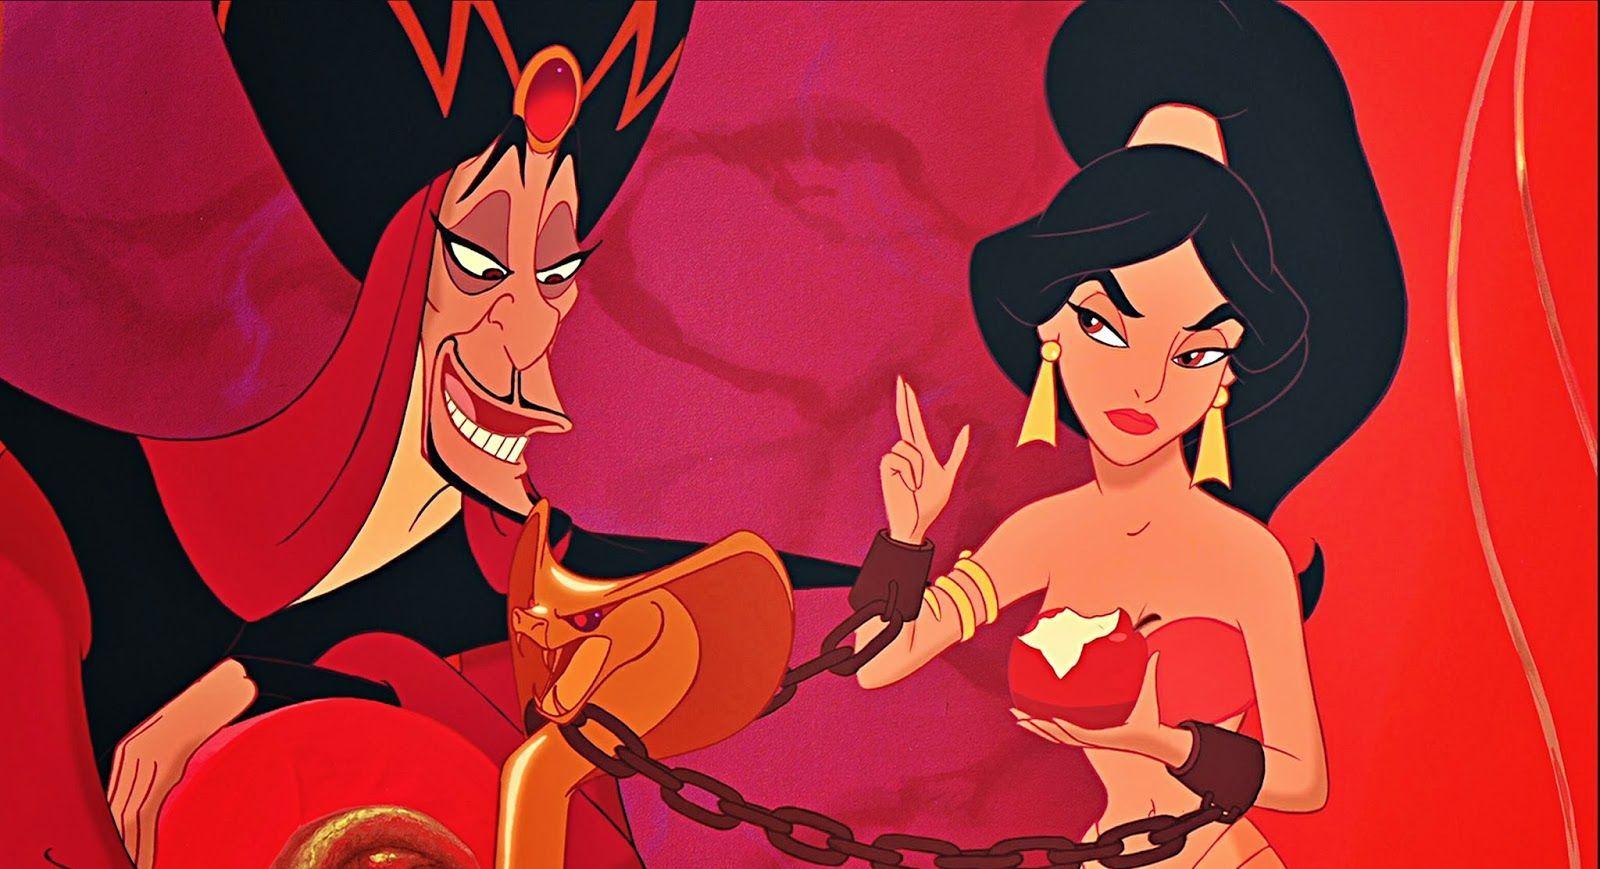 En Aladdin, ¿cuál es el último deseo que le pide Jafar al genio?